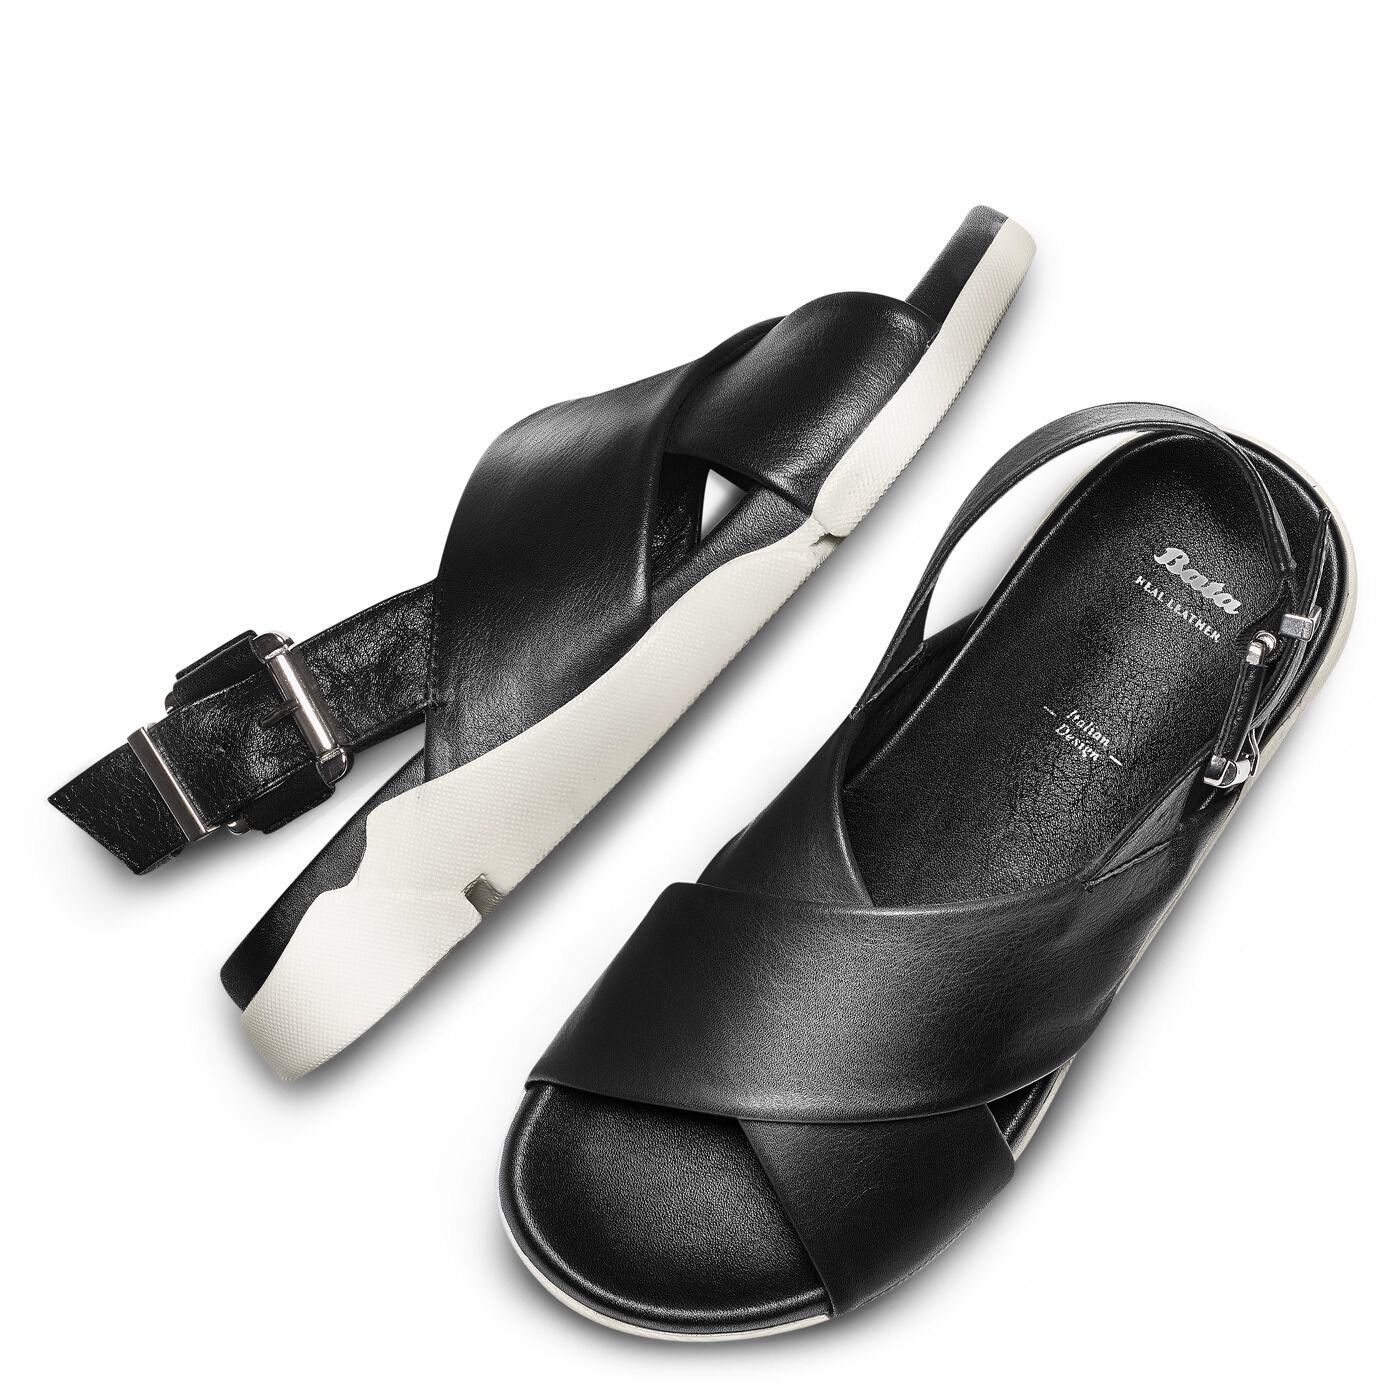 ciabatte scarpe donna fuxia nero bianco azzurro fondo sagomato fibbie